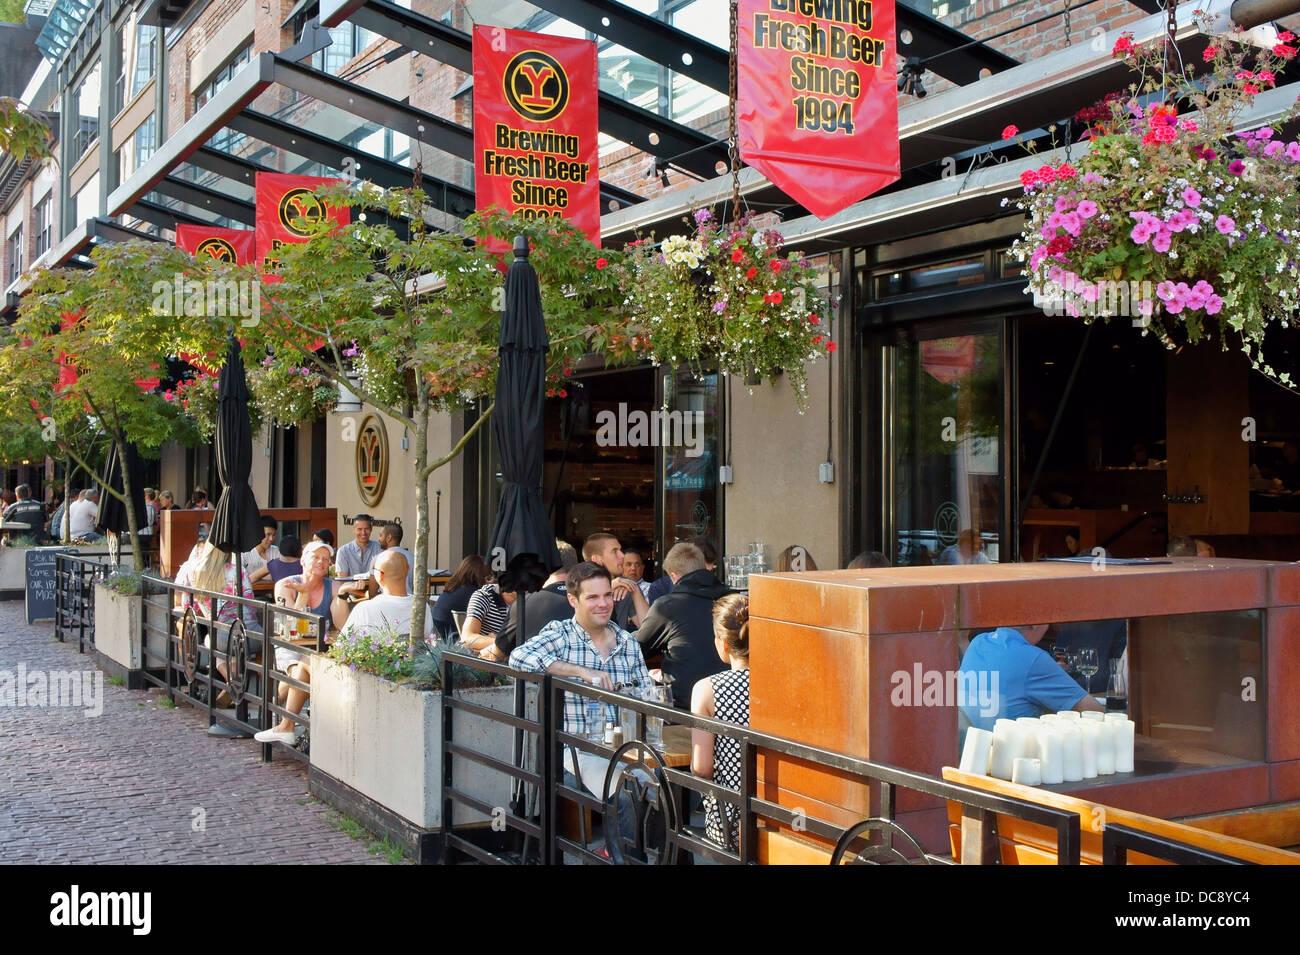 Les gens à manger sur la terrasse extérieure de Yaletown Brewing Company restaurant à Yaletown, Vancouver, Photo Stock